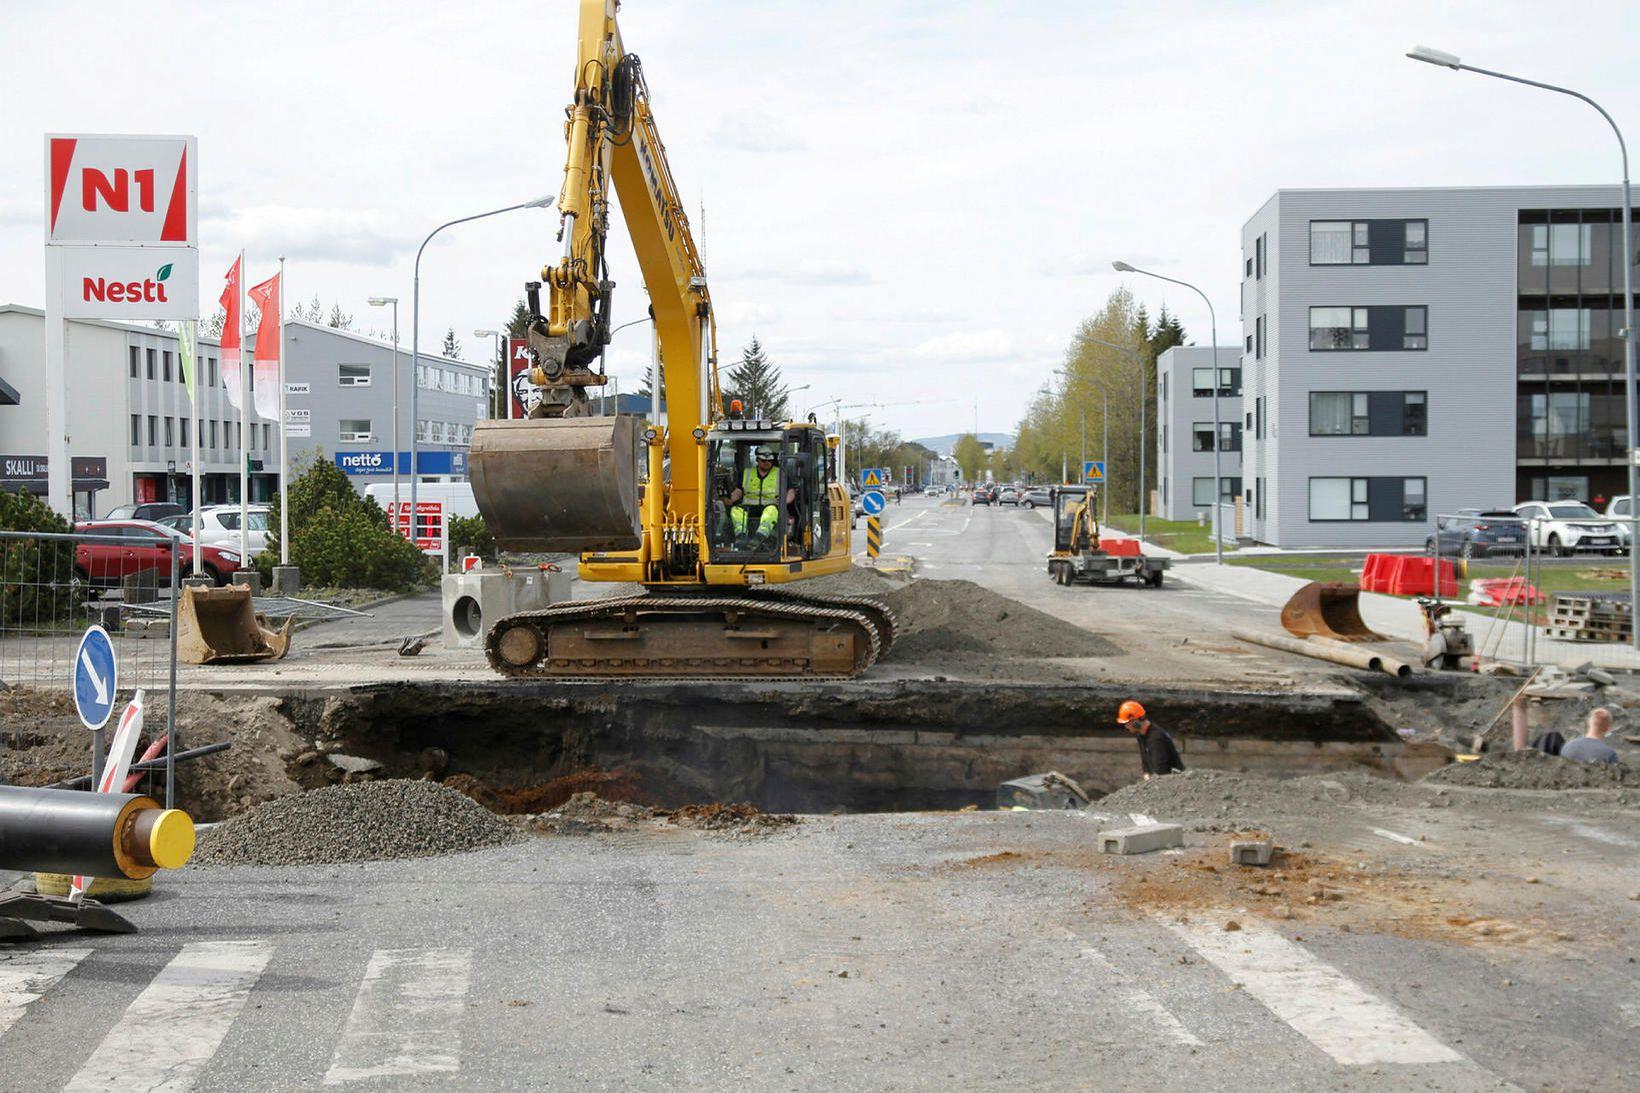 Framkvæmdirnar á Selfossi valda ökumönnum vandræðum.